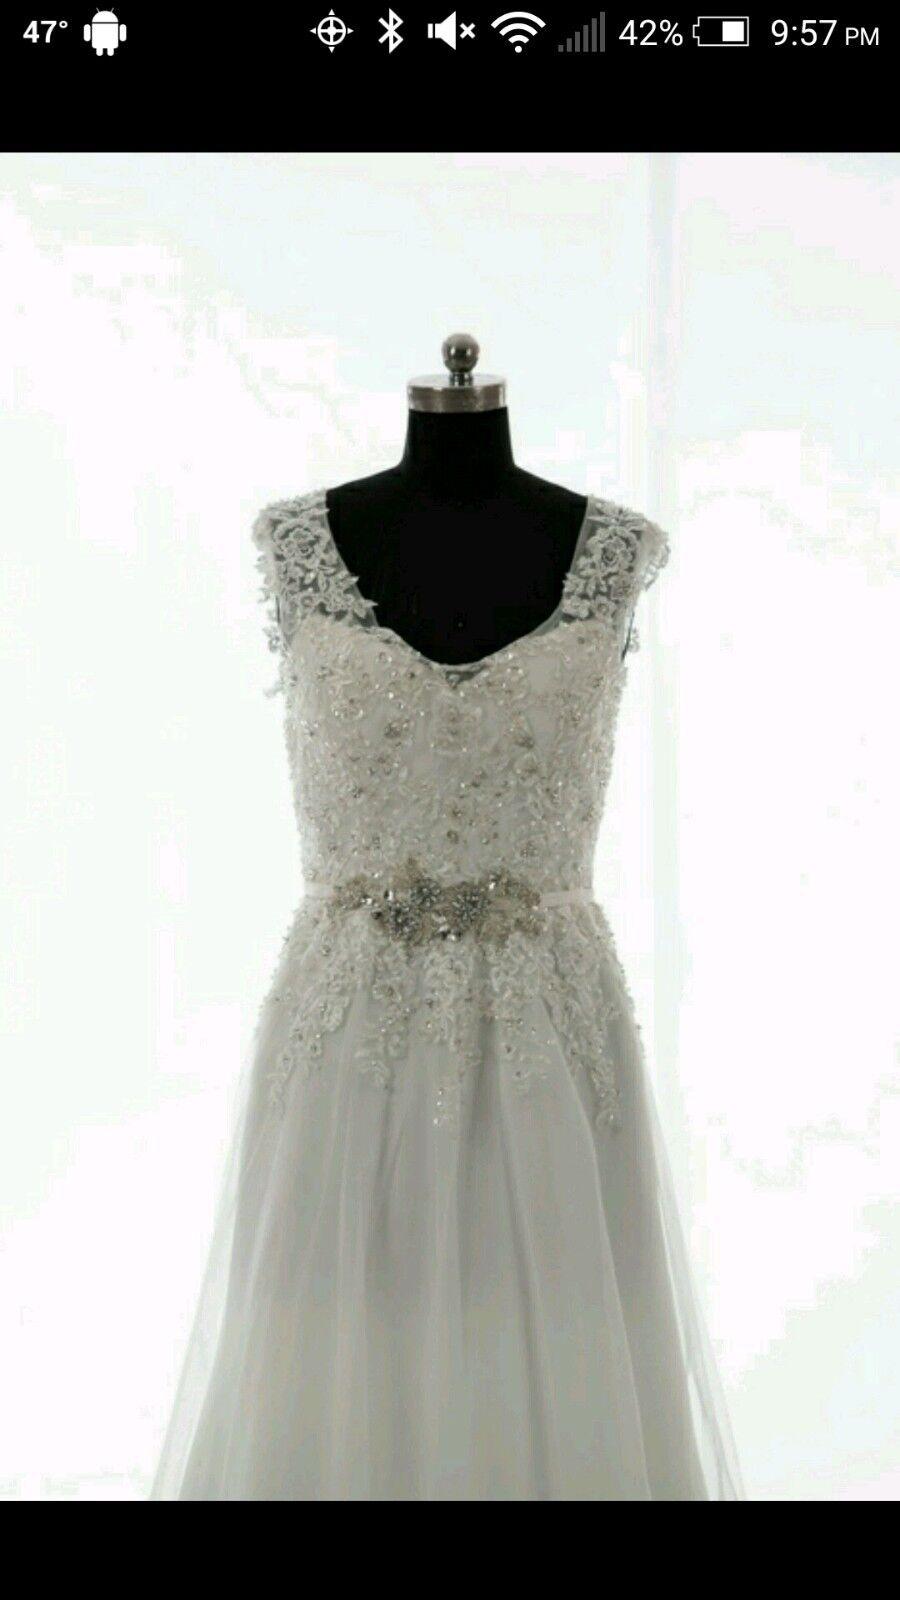 *NEW* Vintage ivory lace beaded wedding dress size UK6 / US4